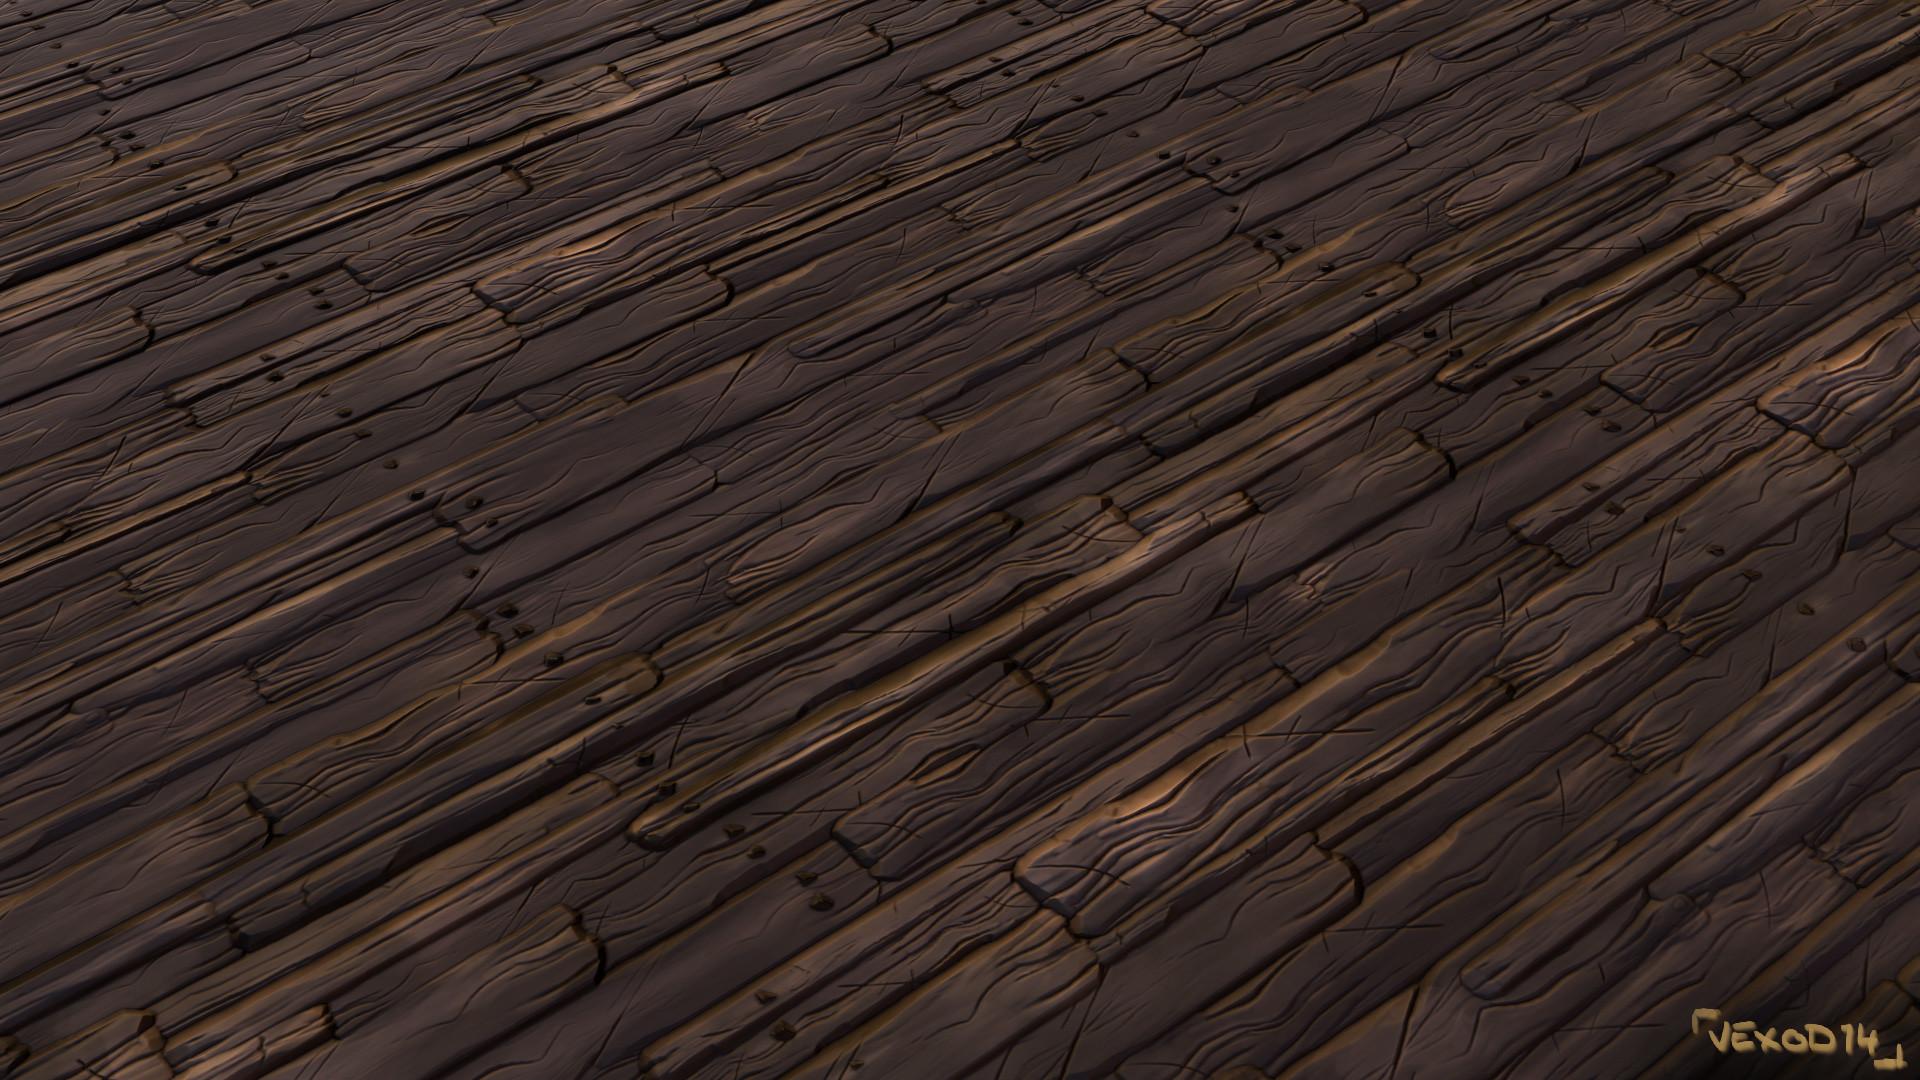 etienne-beschet-texturing-tile-planks.jp